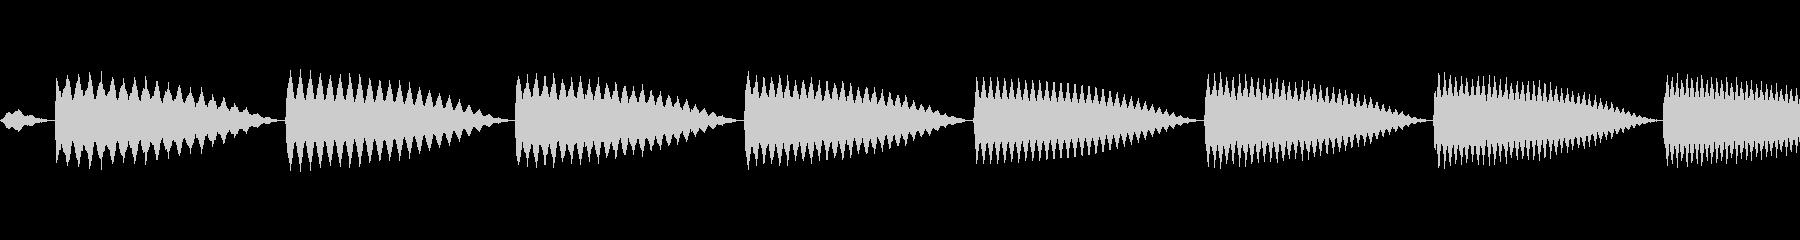 テレレレレンッ!の未再生の波形